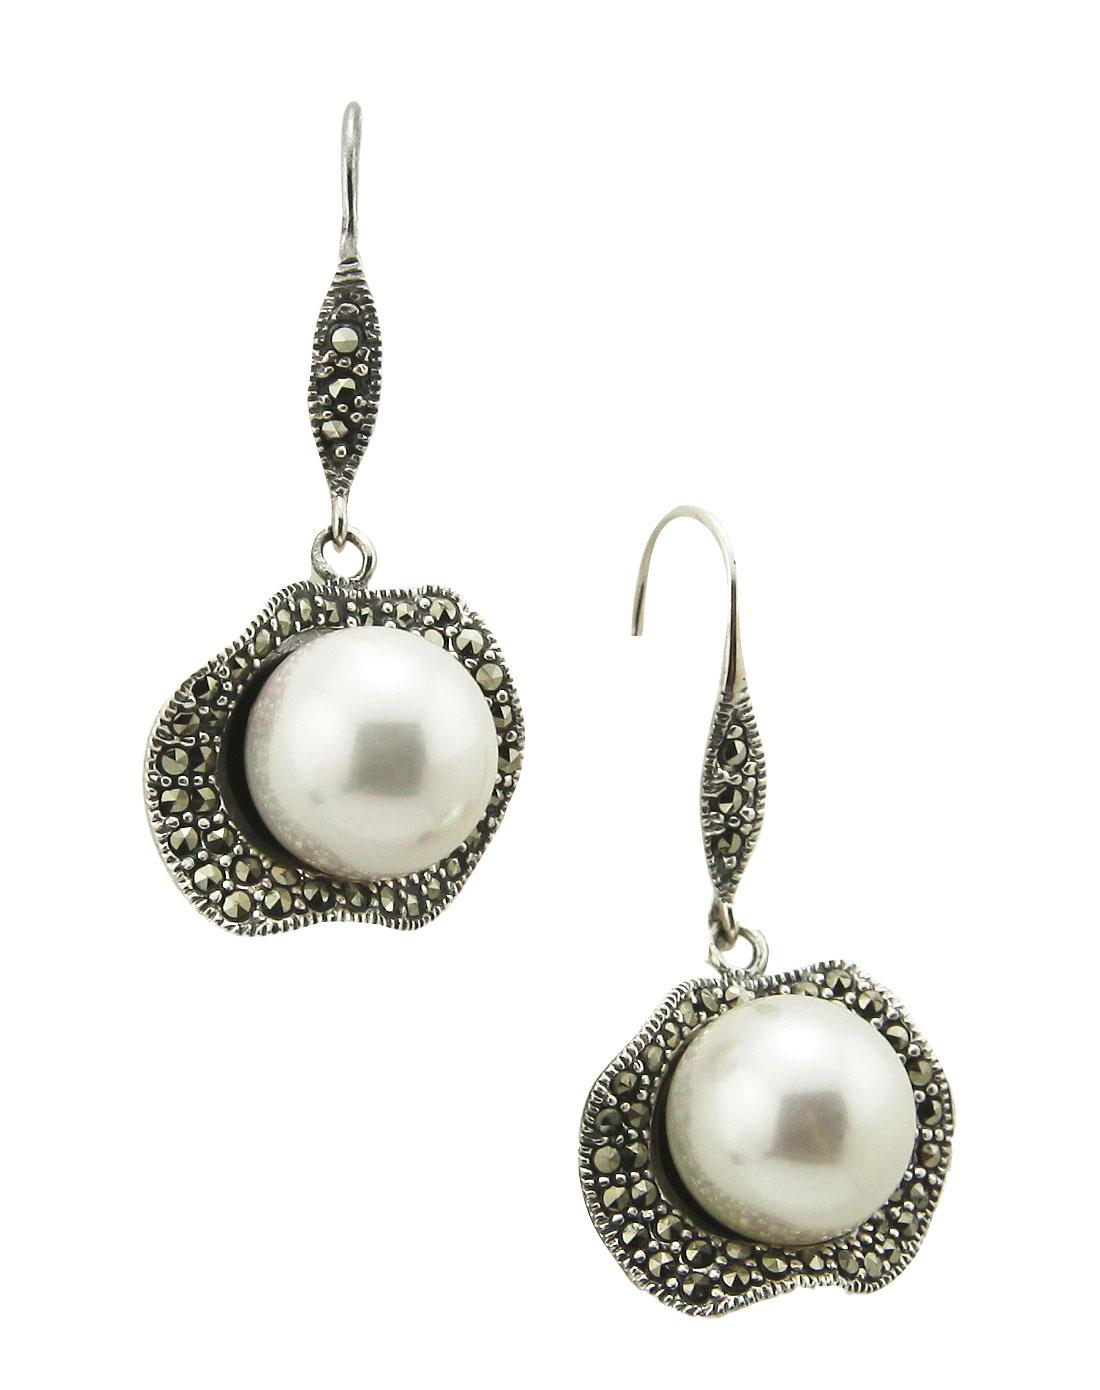 沃佳诺娃voganova 女款白色复古银精品银镶珍珠珍珠耳环